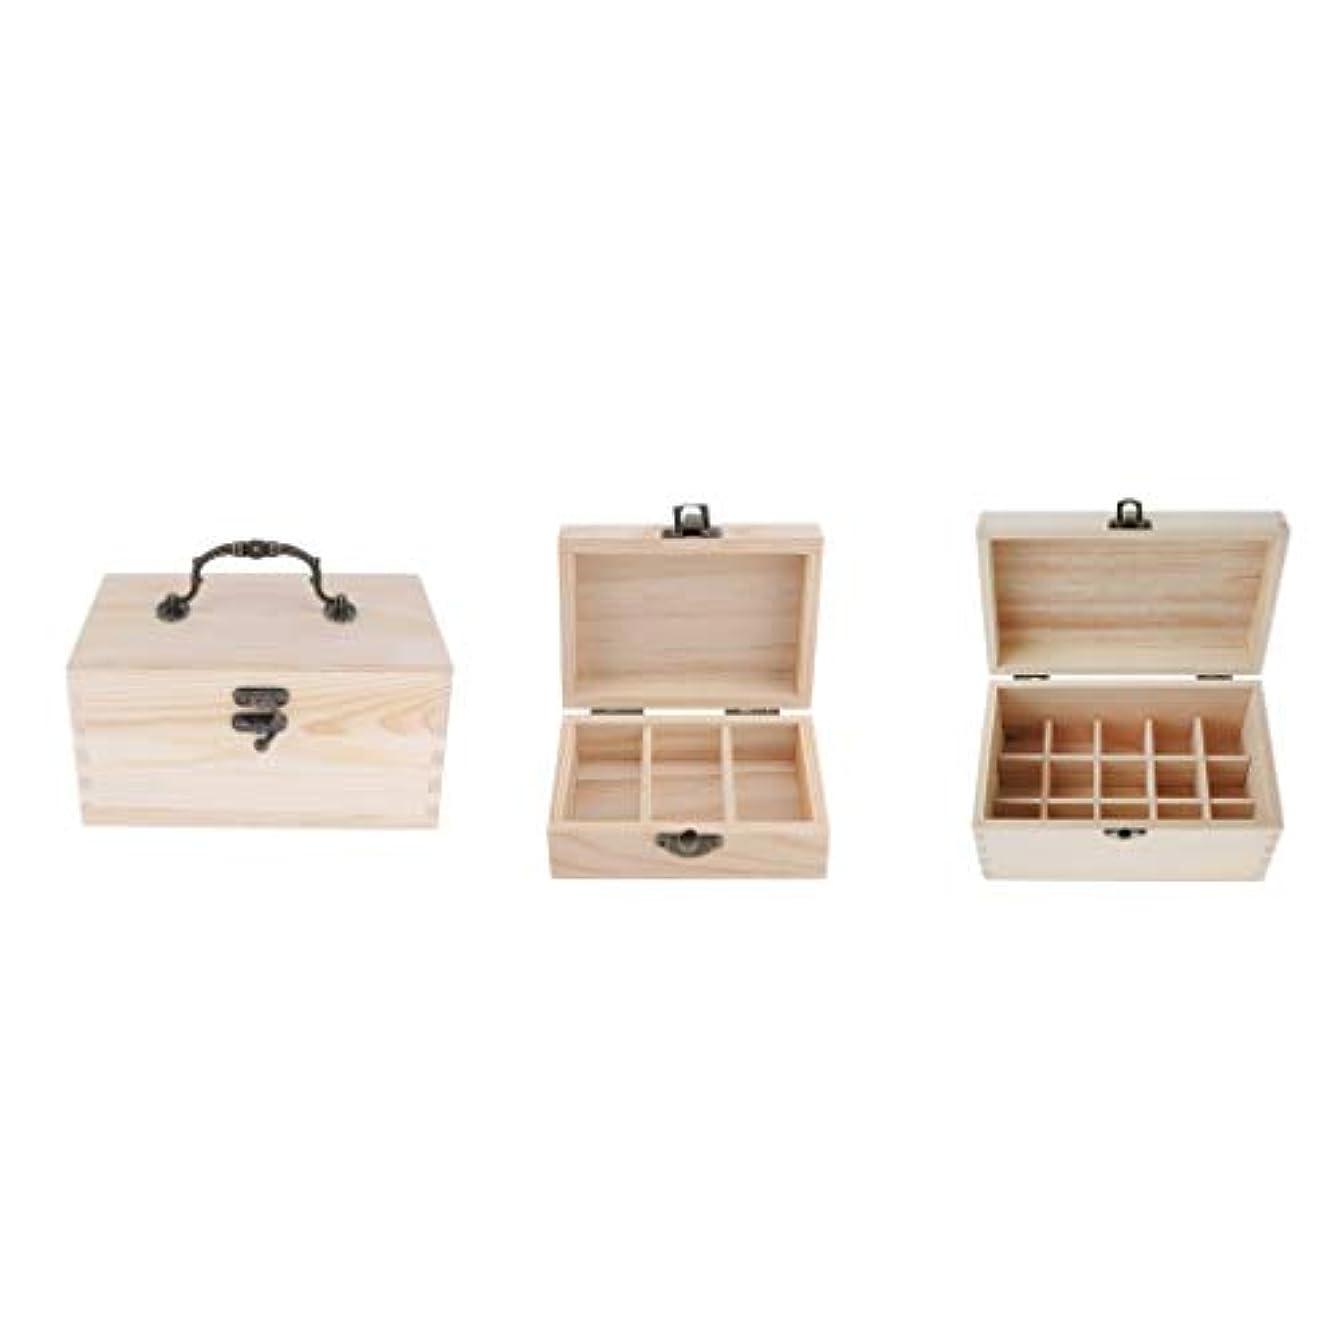 一元化する追加必需品Prettyia エッセンシャルオイル収納ボックス 精油収納ケース 超大容量 木製 精油収納 香水収納ケース 携帯用 3個入